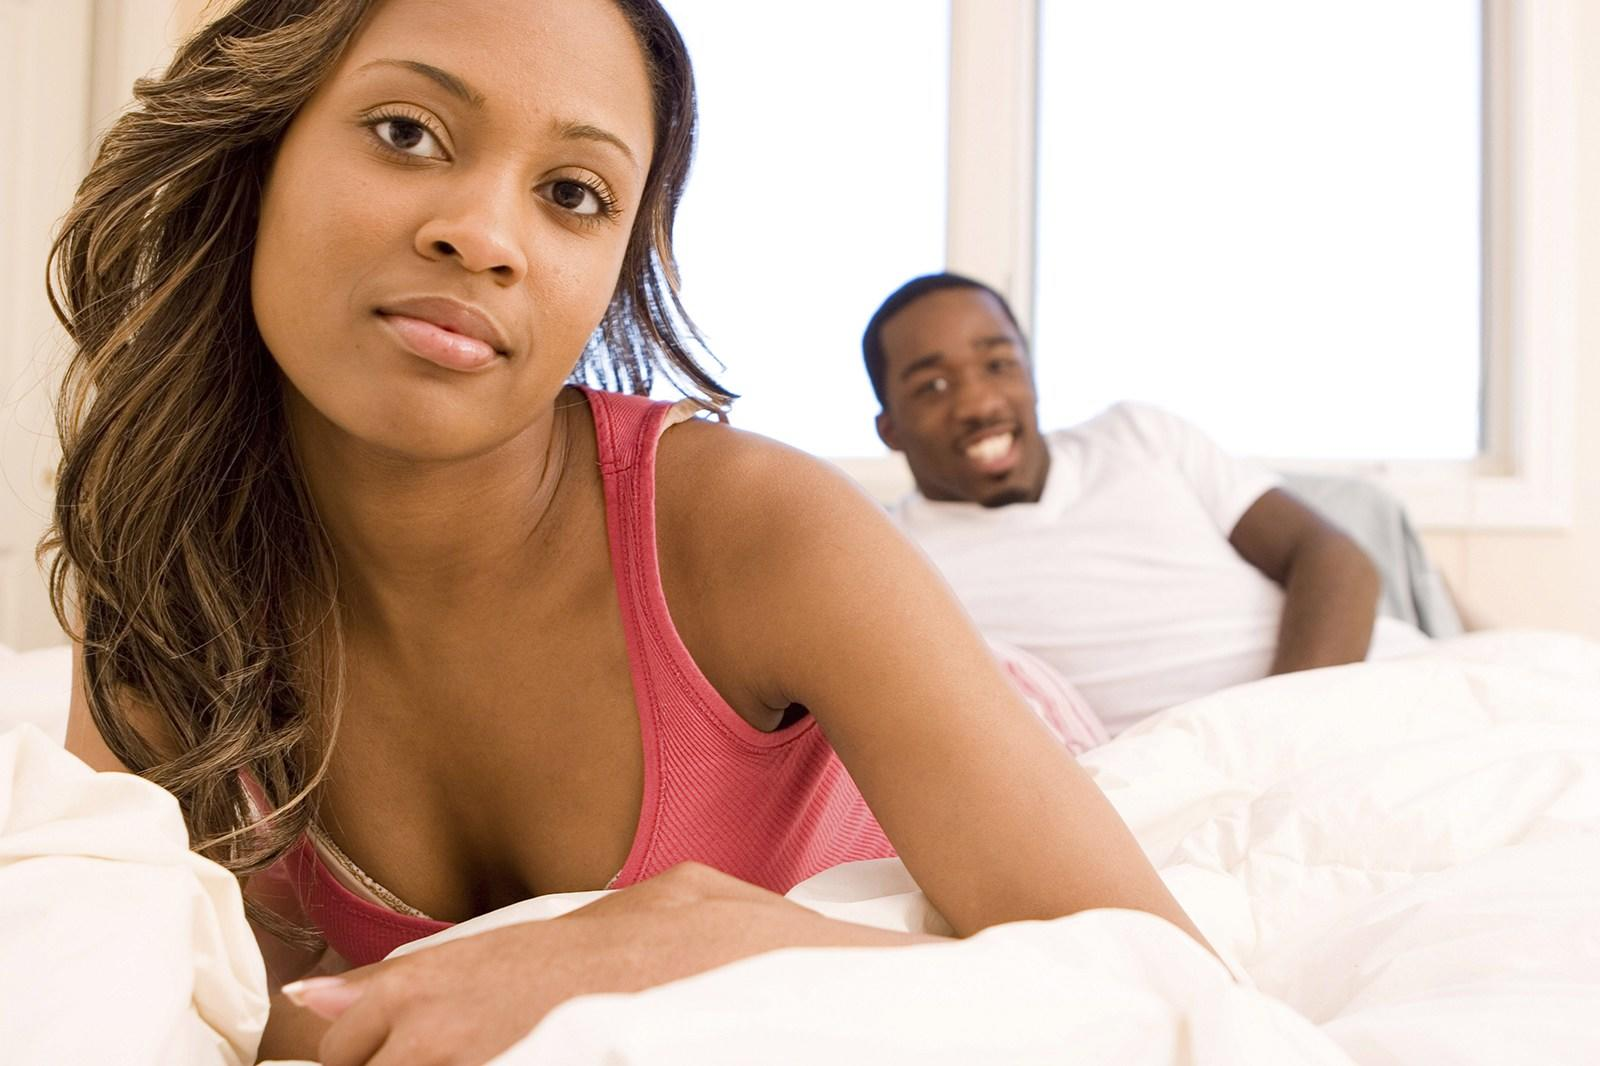 6 Kesalahan Fatal dalam Hubungan Seks yang Sering Dilakukan Pria